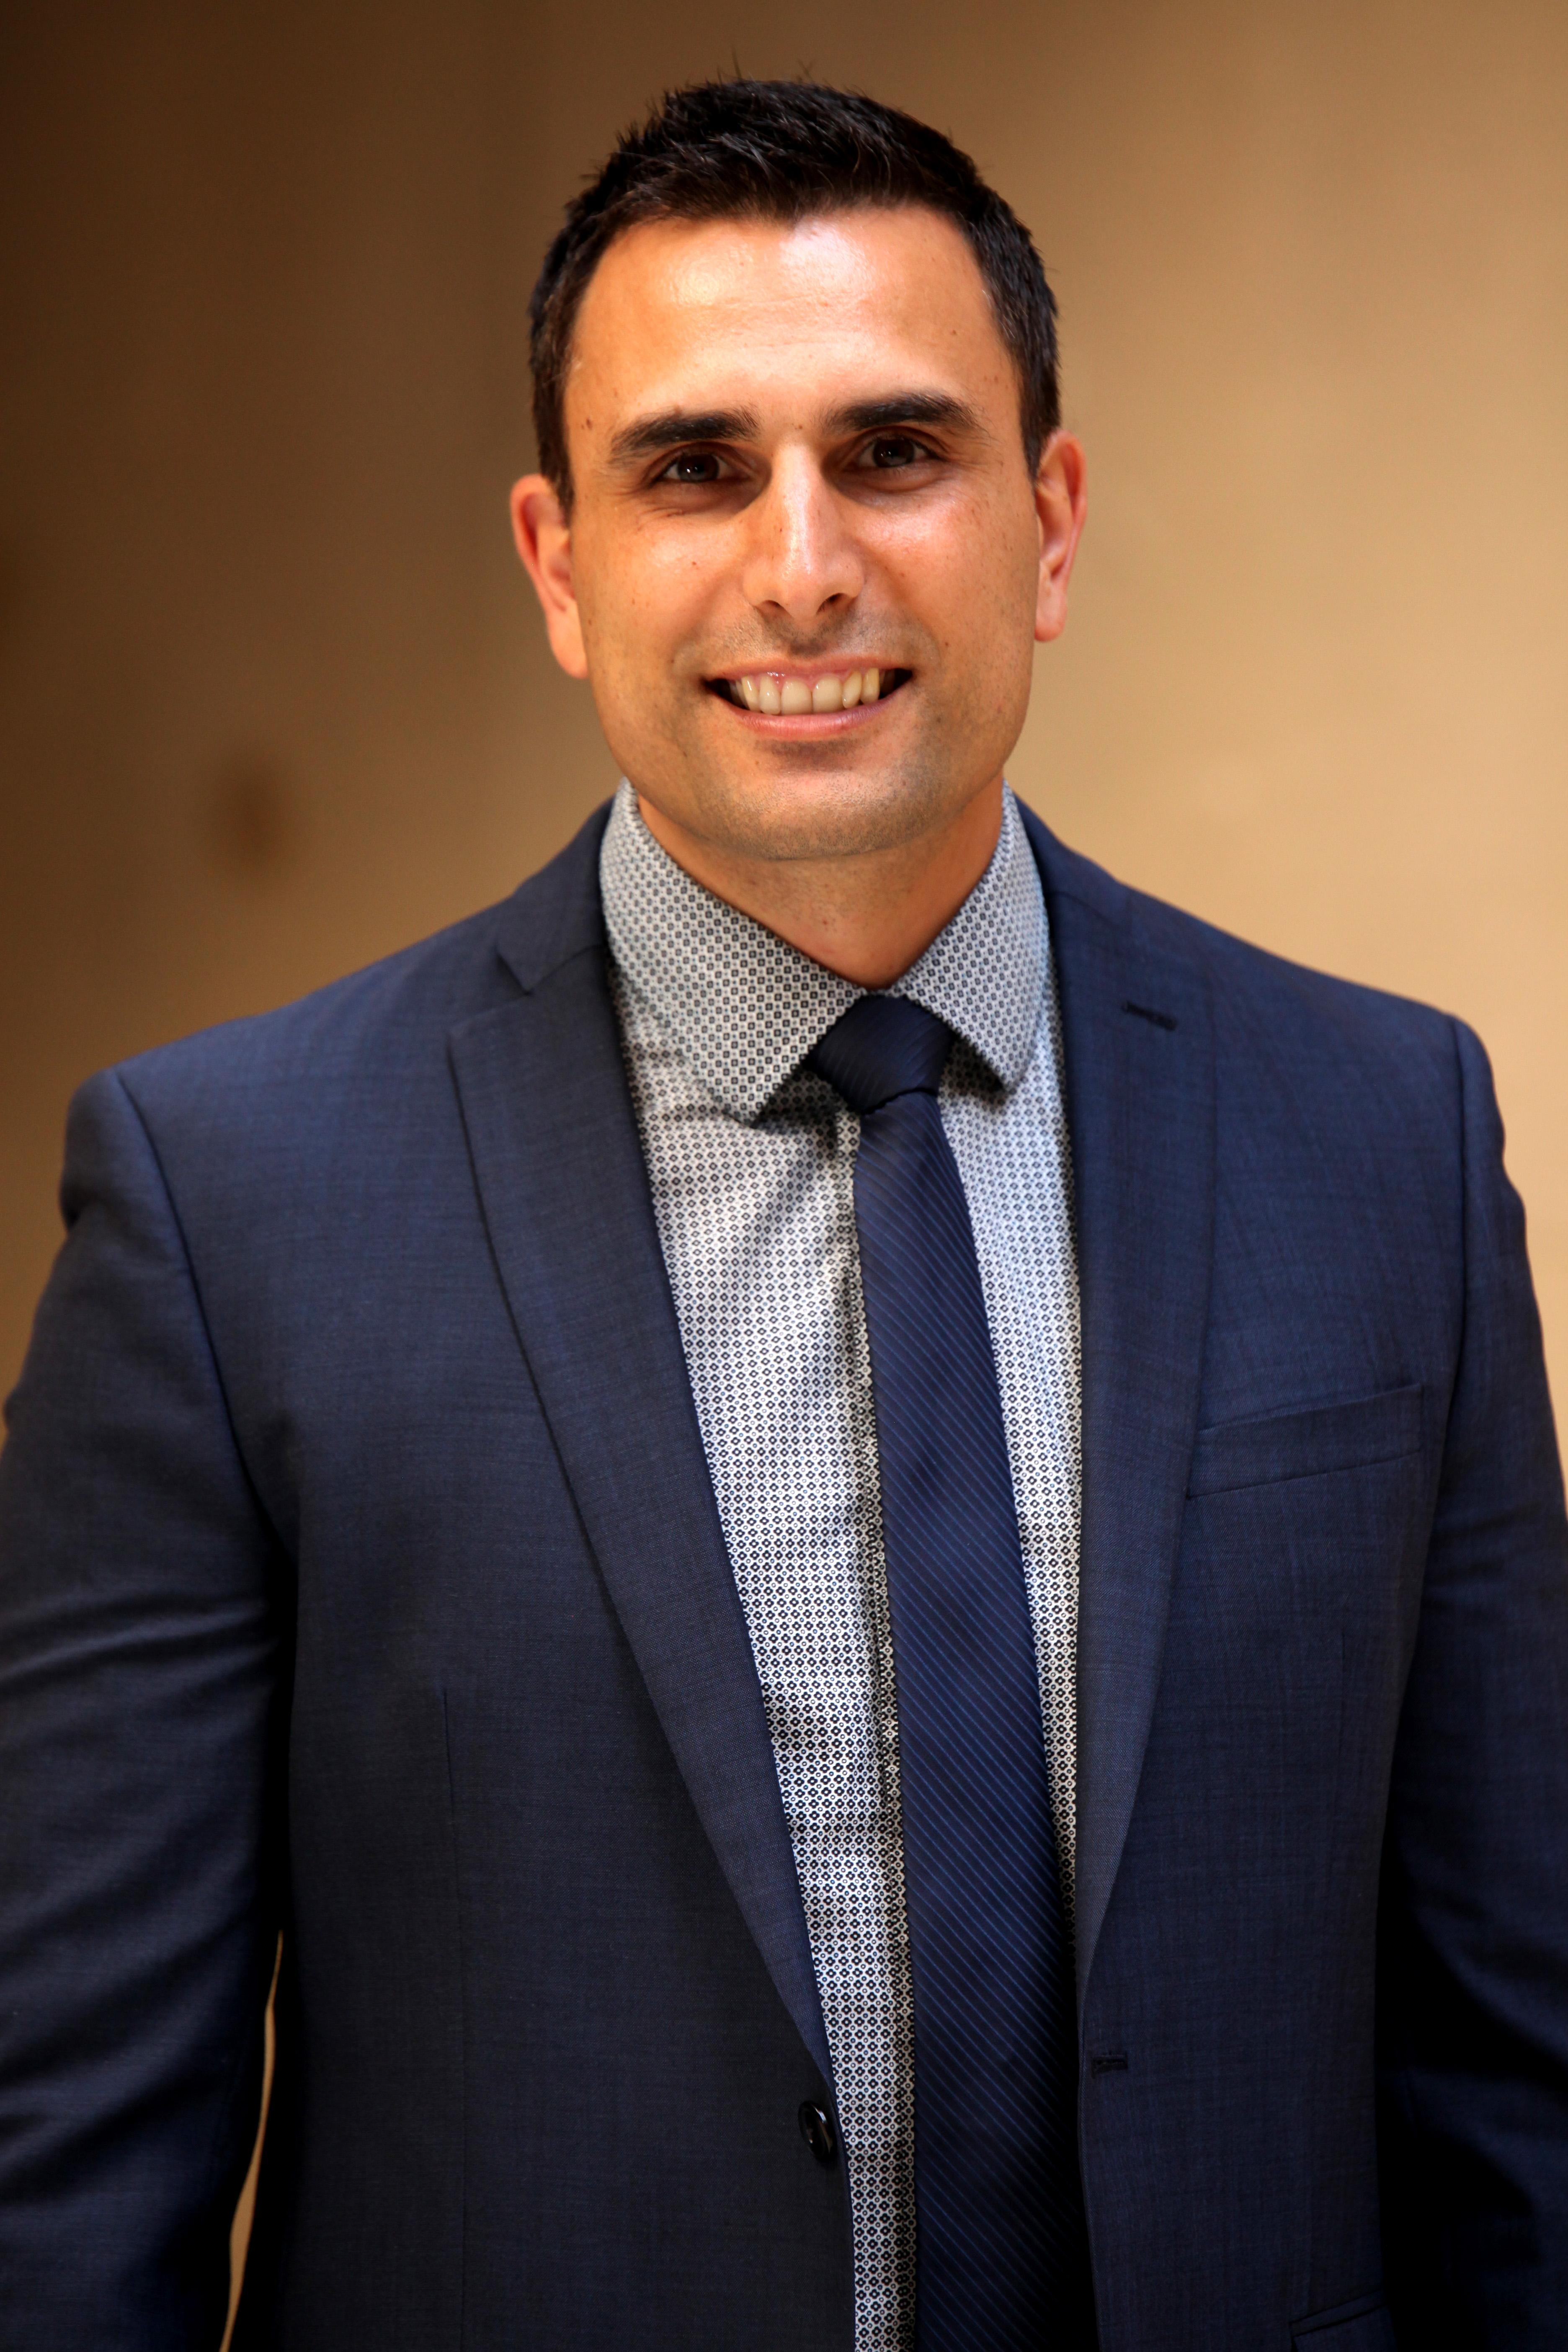 Joseph Khabbaz